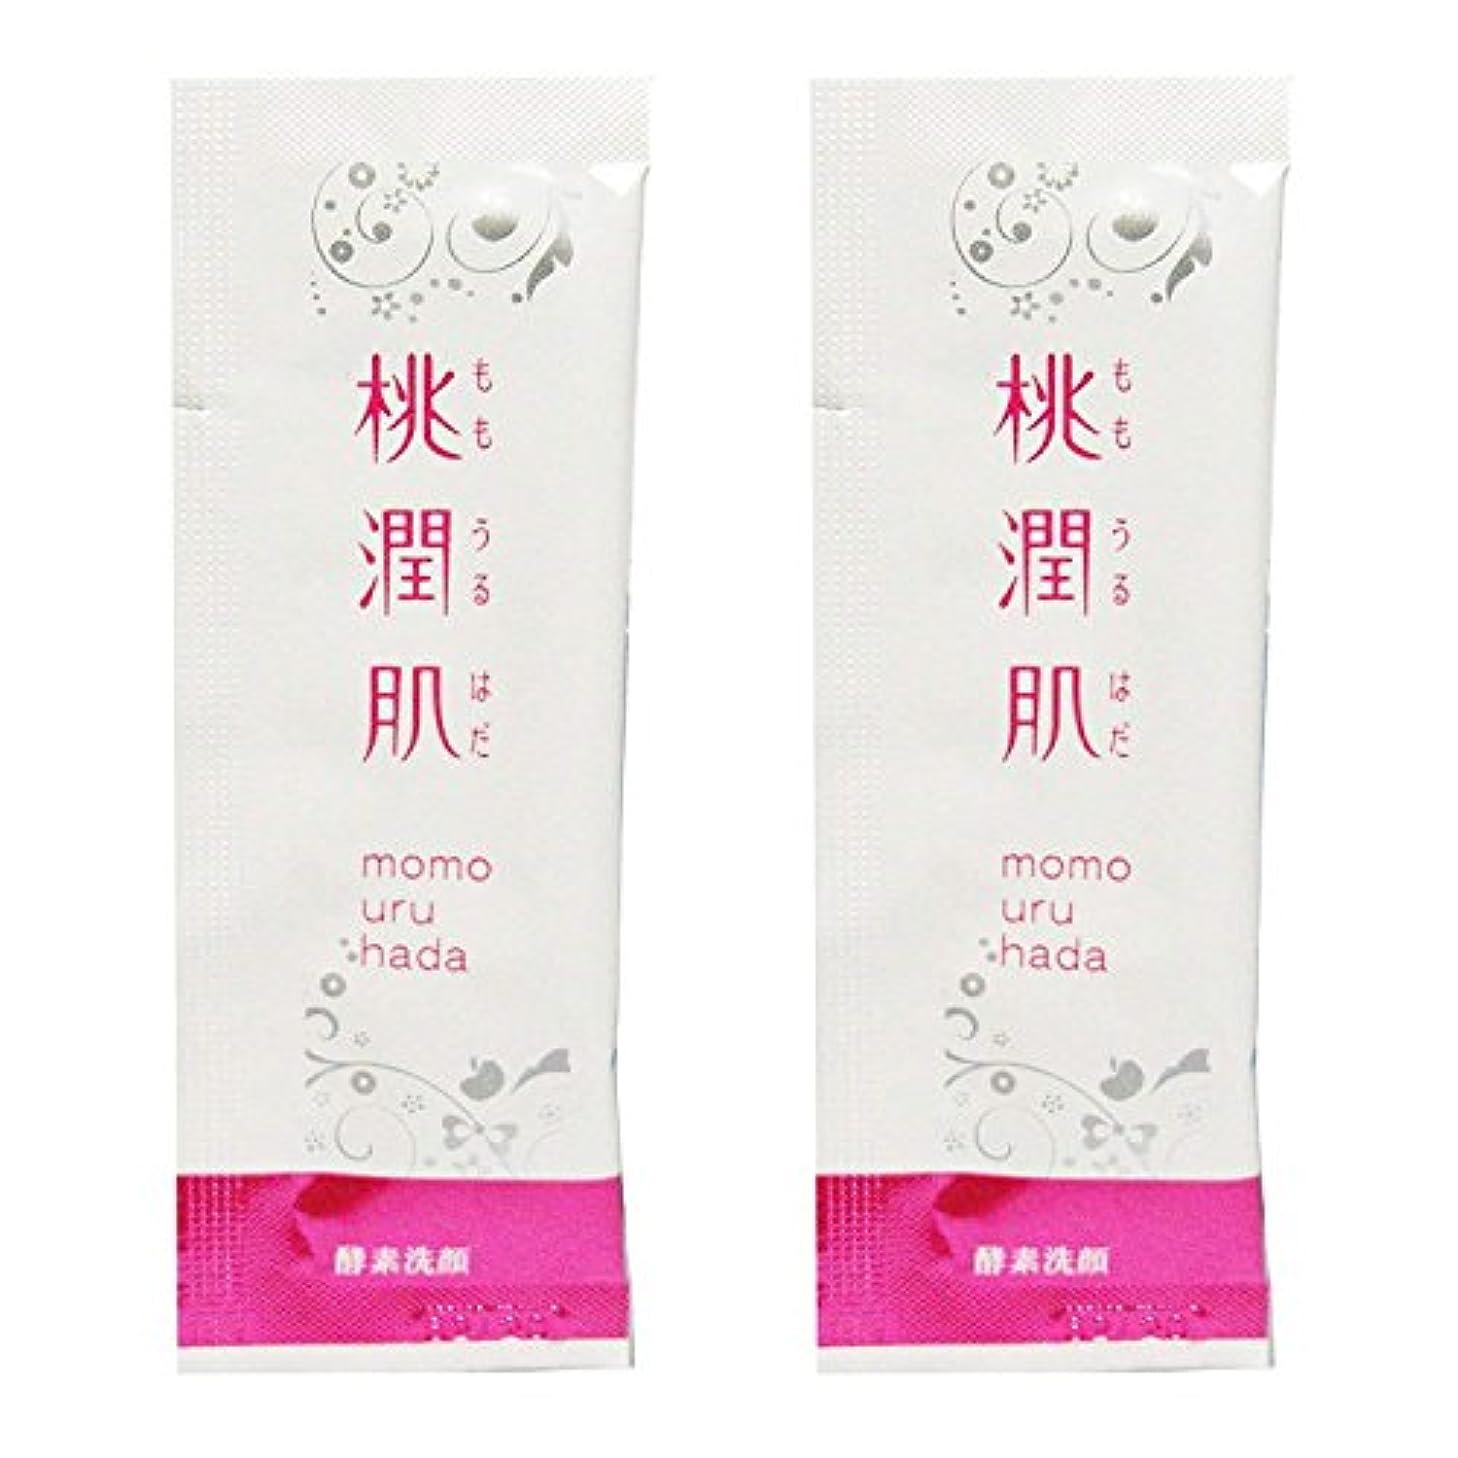 解き明かす運営懐アスティ 桃潤肌 酵素洗顔パウダー お試し用 2回分 (1g×2包)